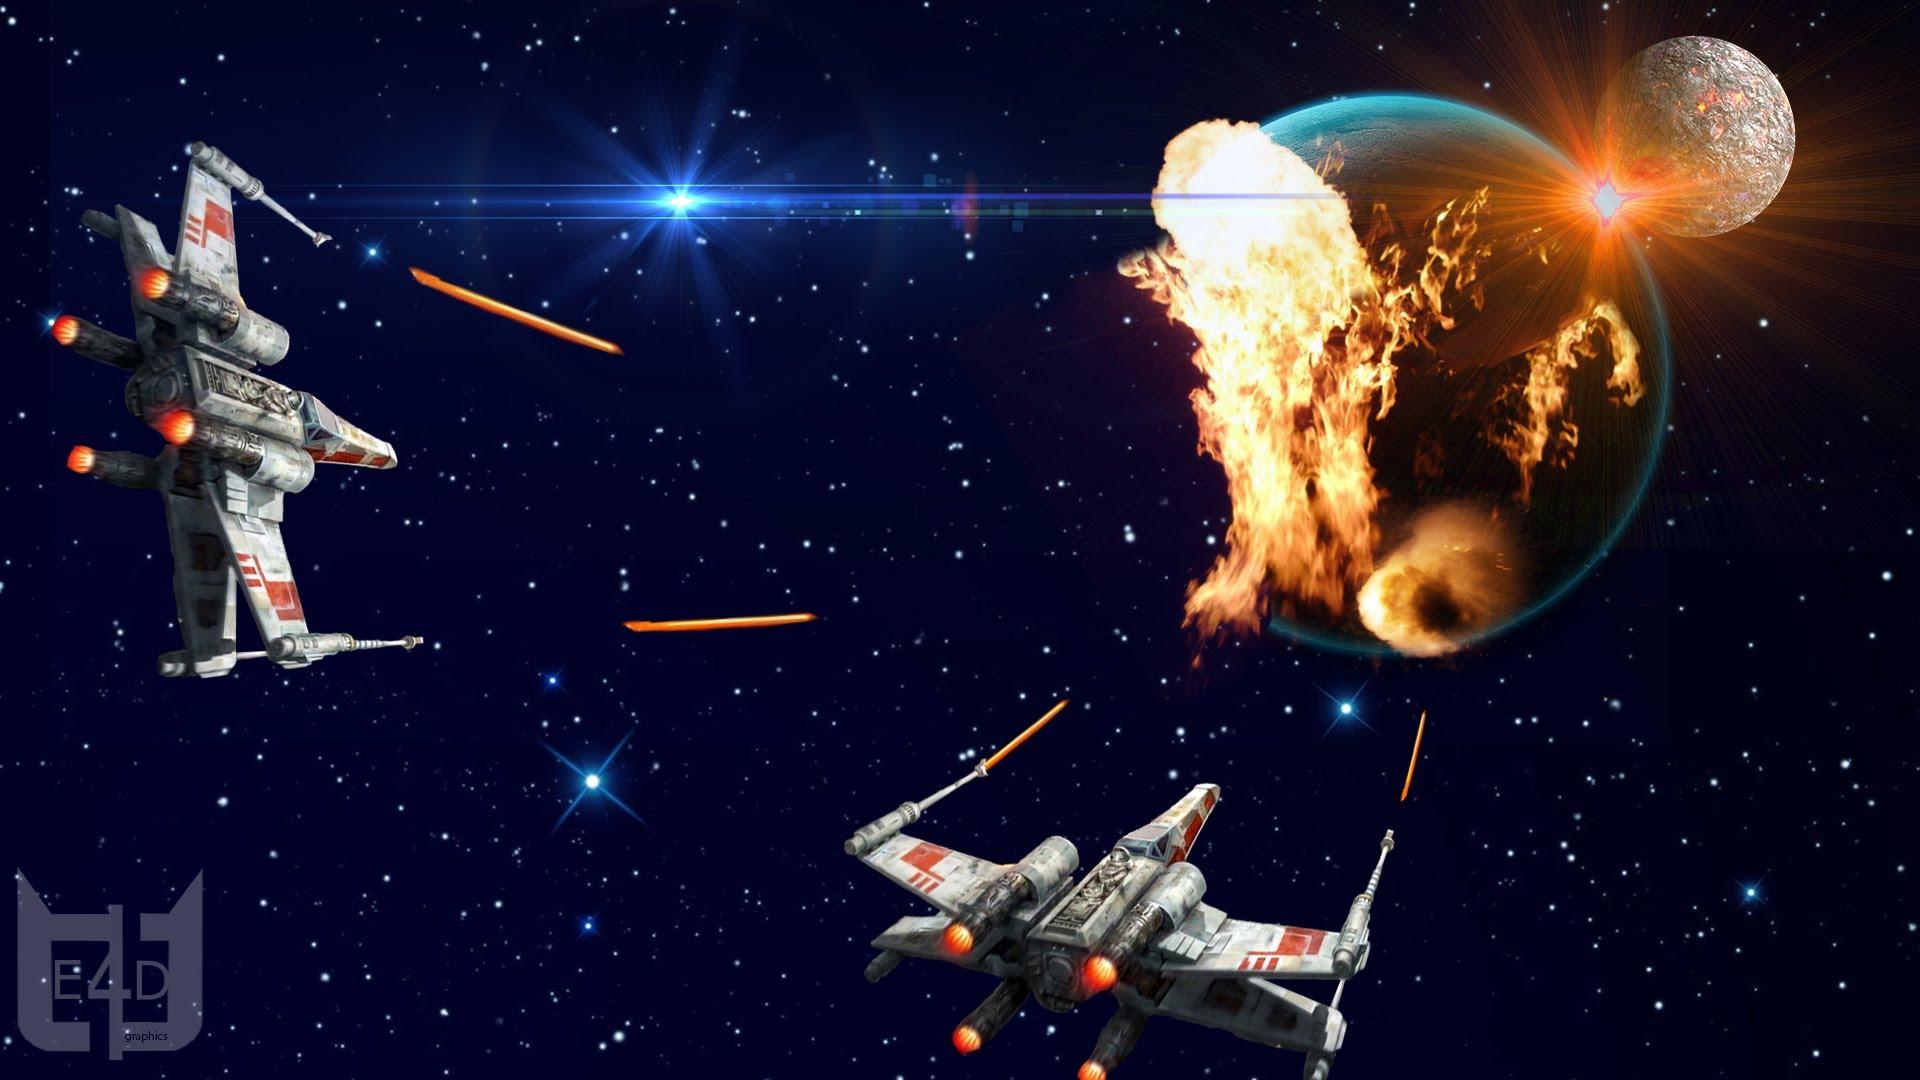 E4D Graphics Space War Wallpaper Speed Art 1920x1080